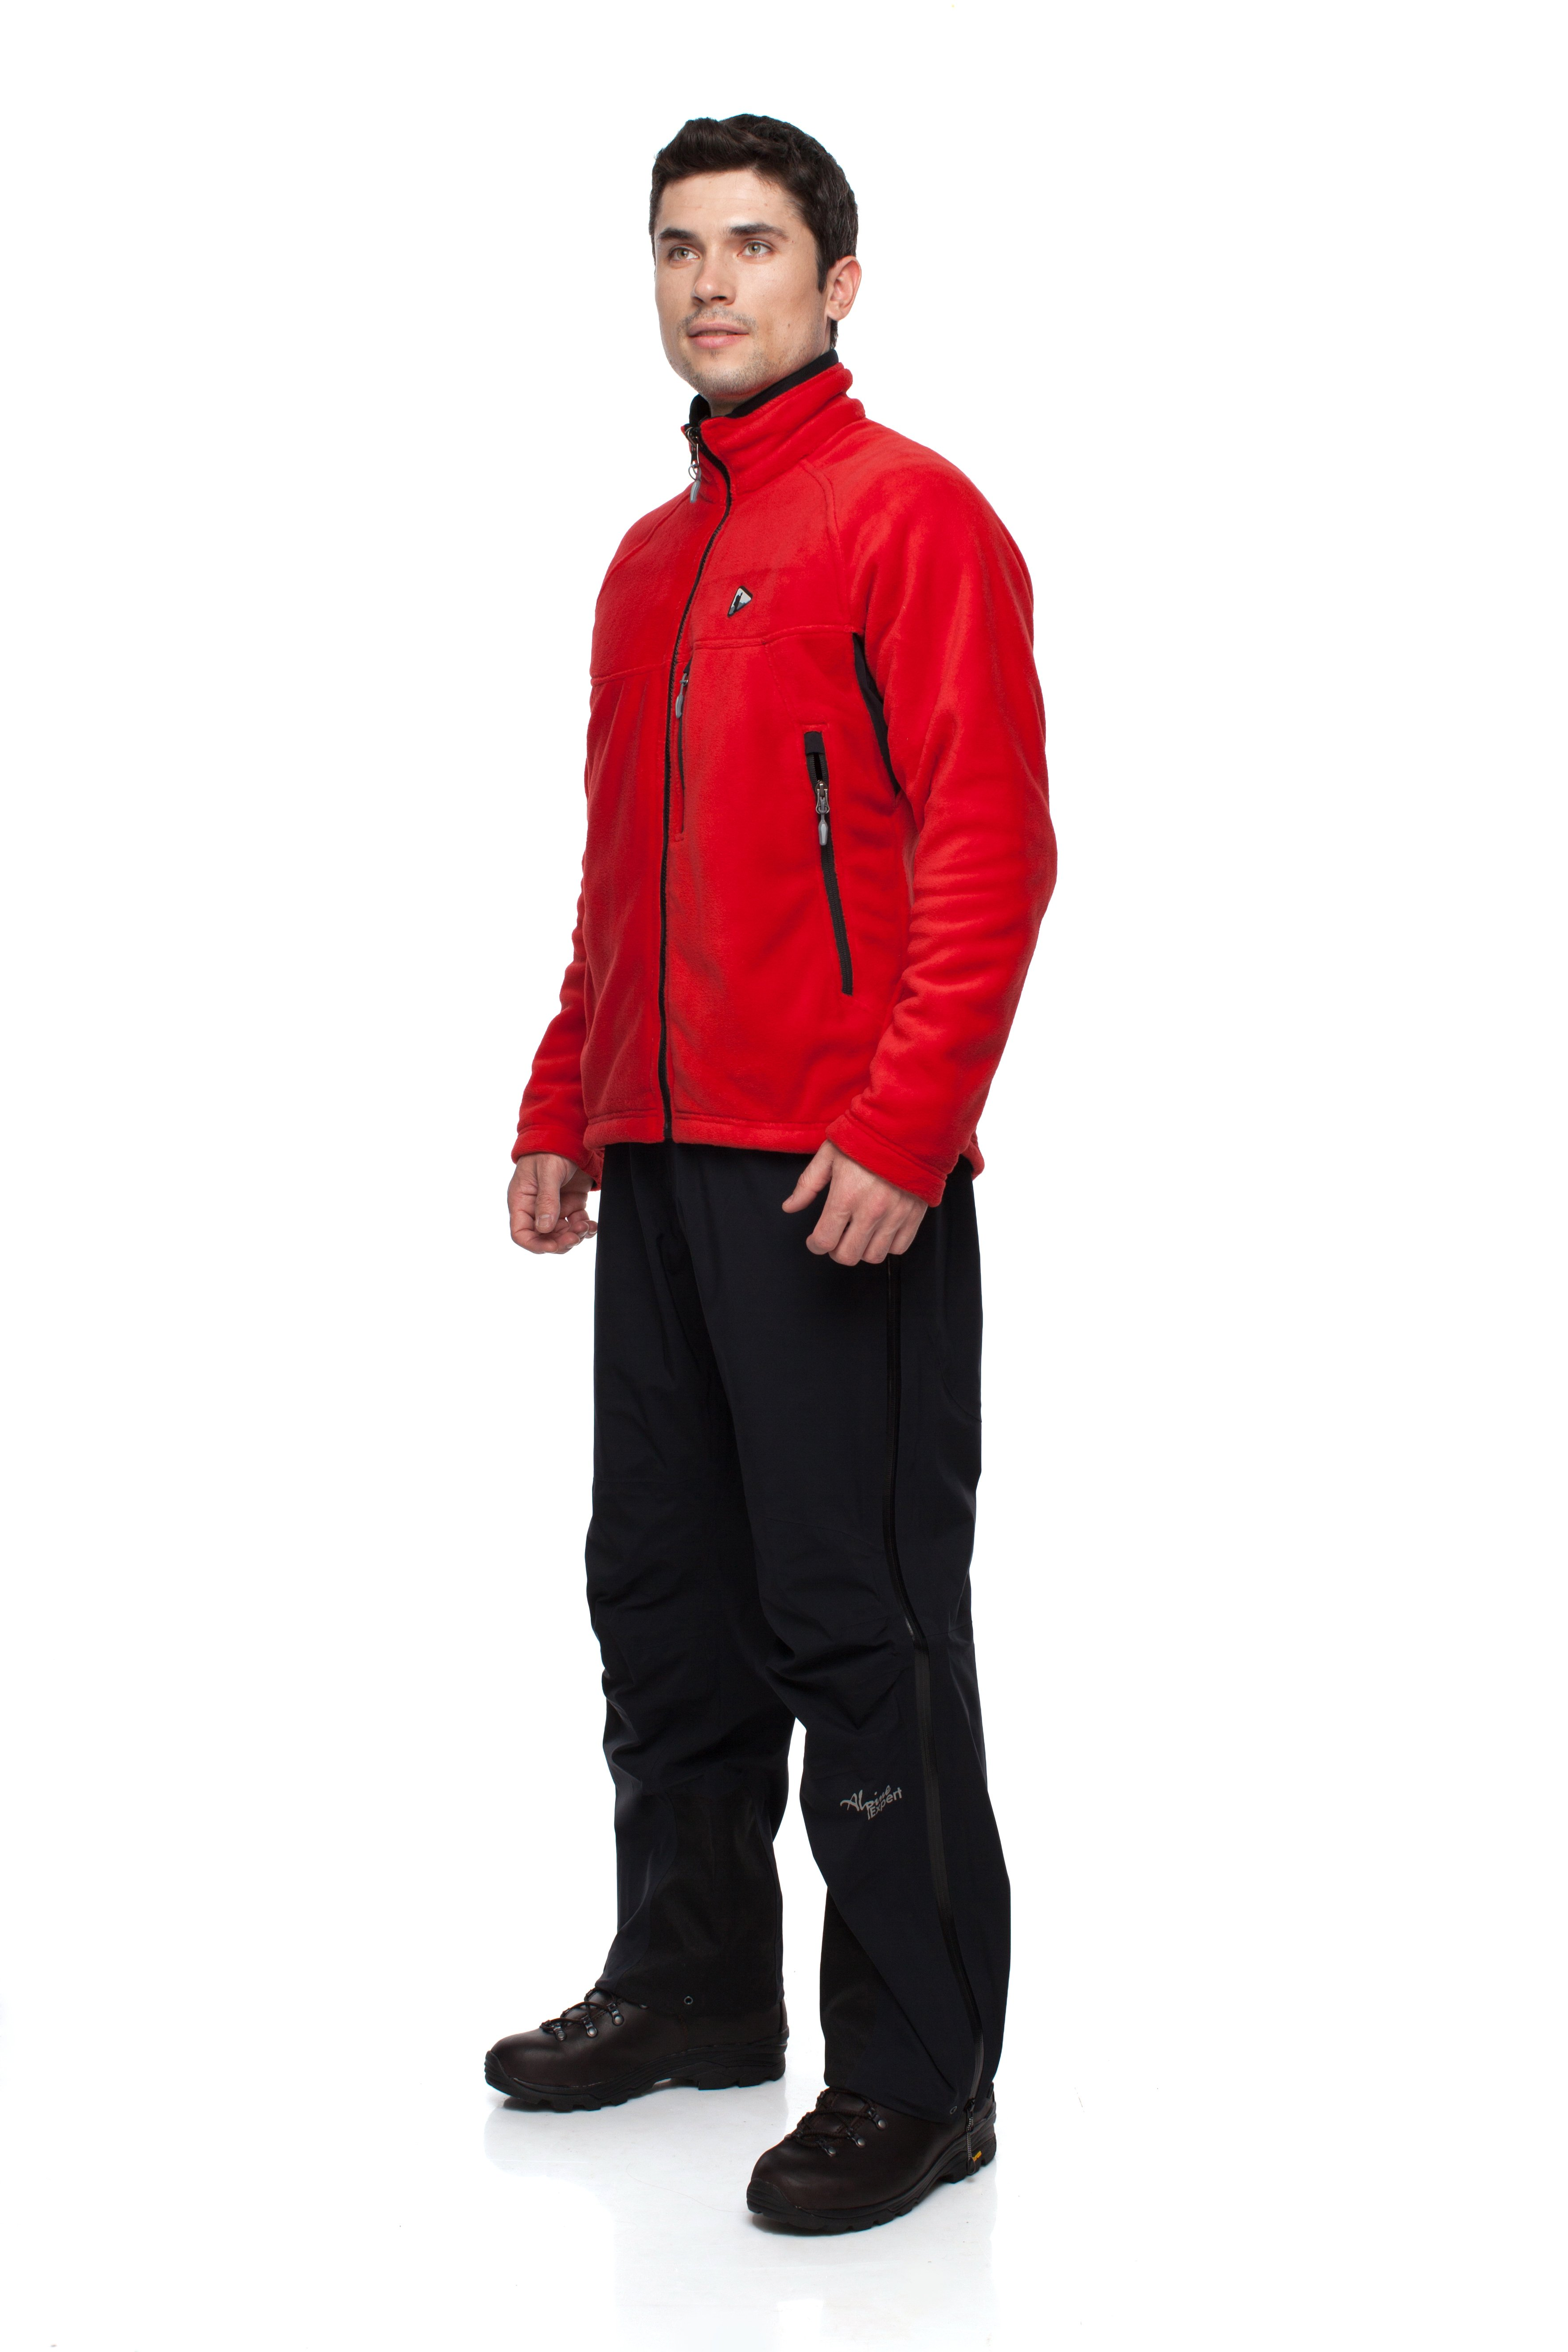 Куртка BASK ANDES V2 4101AКуртки<br><br><br>Верхняя ткань: Gelanots® 2L<br>Вес граммы: 1435<br>Ветро-влагозащитные свойства верхней ткани: Да<br>Ветрозащитная планка: Да<br>Ветрозащитная юбка: Нет<br>Влагозащитные молнии: Да<br>Внутренние манжеты: Да<br>Внутренняя ткань: Polyester Mesh, Nylon Taffeta , флис 410 г/м2<br>Водонепроницаемость: 20000<br>Дублирующий центральную молнию клапан: Да<br>Защитный козырёк капюшона: Да<br>Капюшон: Убирается в воротник<br>Карман для средств связи: Да<br>Количество внешних карманов: 3<br>Количество внутренних карманов: 1<br>Мембрана: Да<br>Объемный крой локтевой зоны: Да<br>Отстёгивающиеся рукава: Нет<br>Паропроницаемость: 20000<br>Пол: Мужской<br>Проклейка швов: Да<br>Размеры: XS, S, M, L, XL, XXL<br>Регулировка манжетов рукавов: Да<br>Регулировка низа: Да<br>Регулировка объёма капюшона: Да<br>Регулировка талии: Нет<br>Регулируемые вентиляционные отверстия: Да<br>Световозвращающая лента: Нет<br>Технология Thermal Welding: Нет<br>Технология швов: Проклеены<br>Тип молнии: Двухзамковая<br>Ткань усиления: нет<br>Усиление контактных зон: Да<br>Размер INT: XL<br>Цвет: КРАСНЫЙ